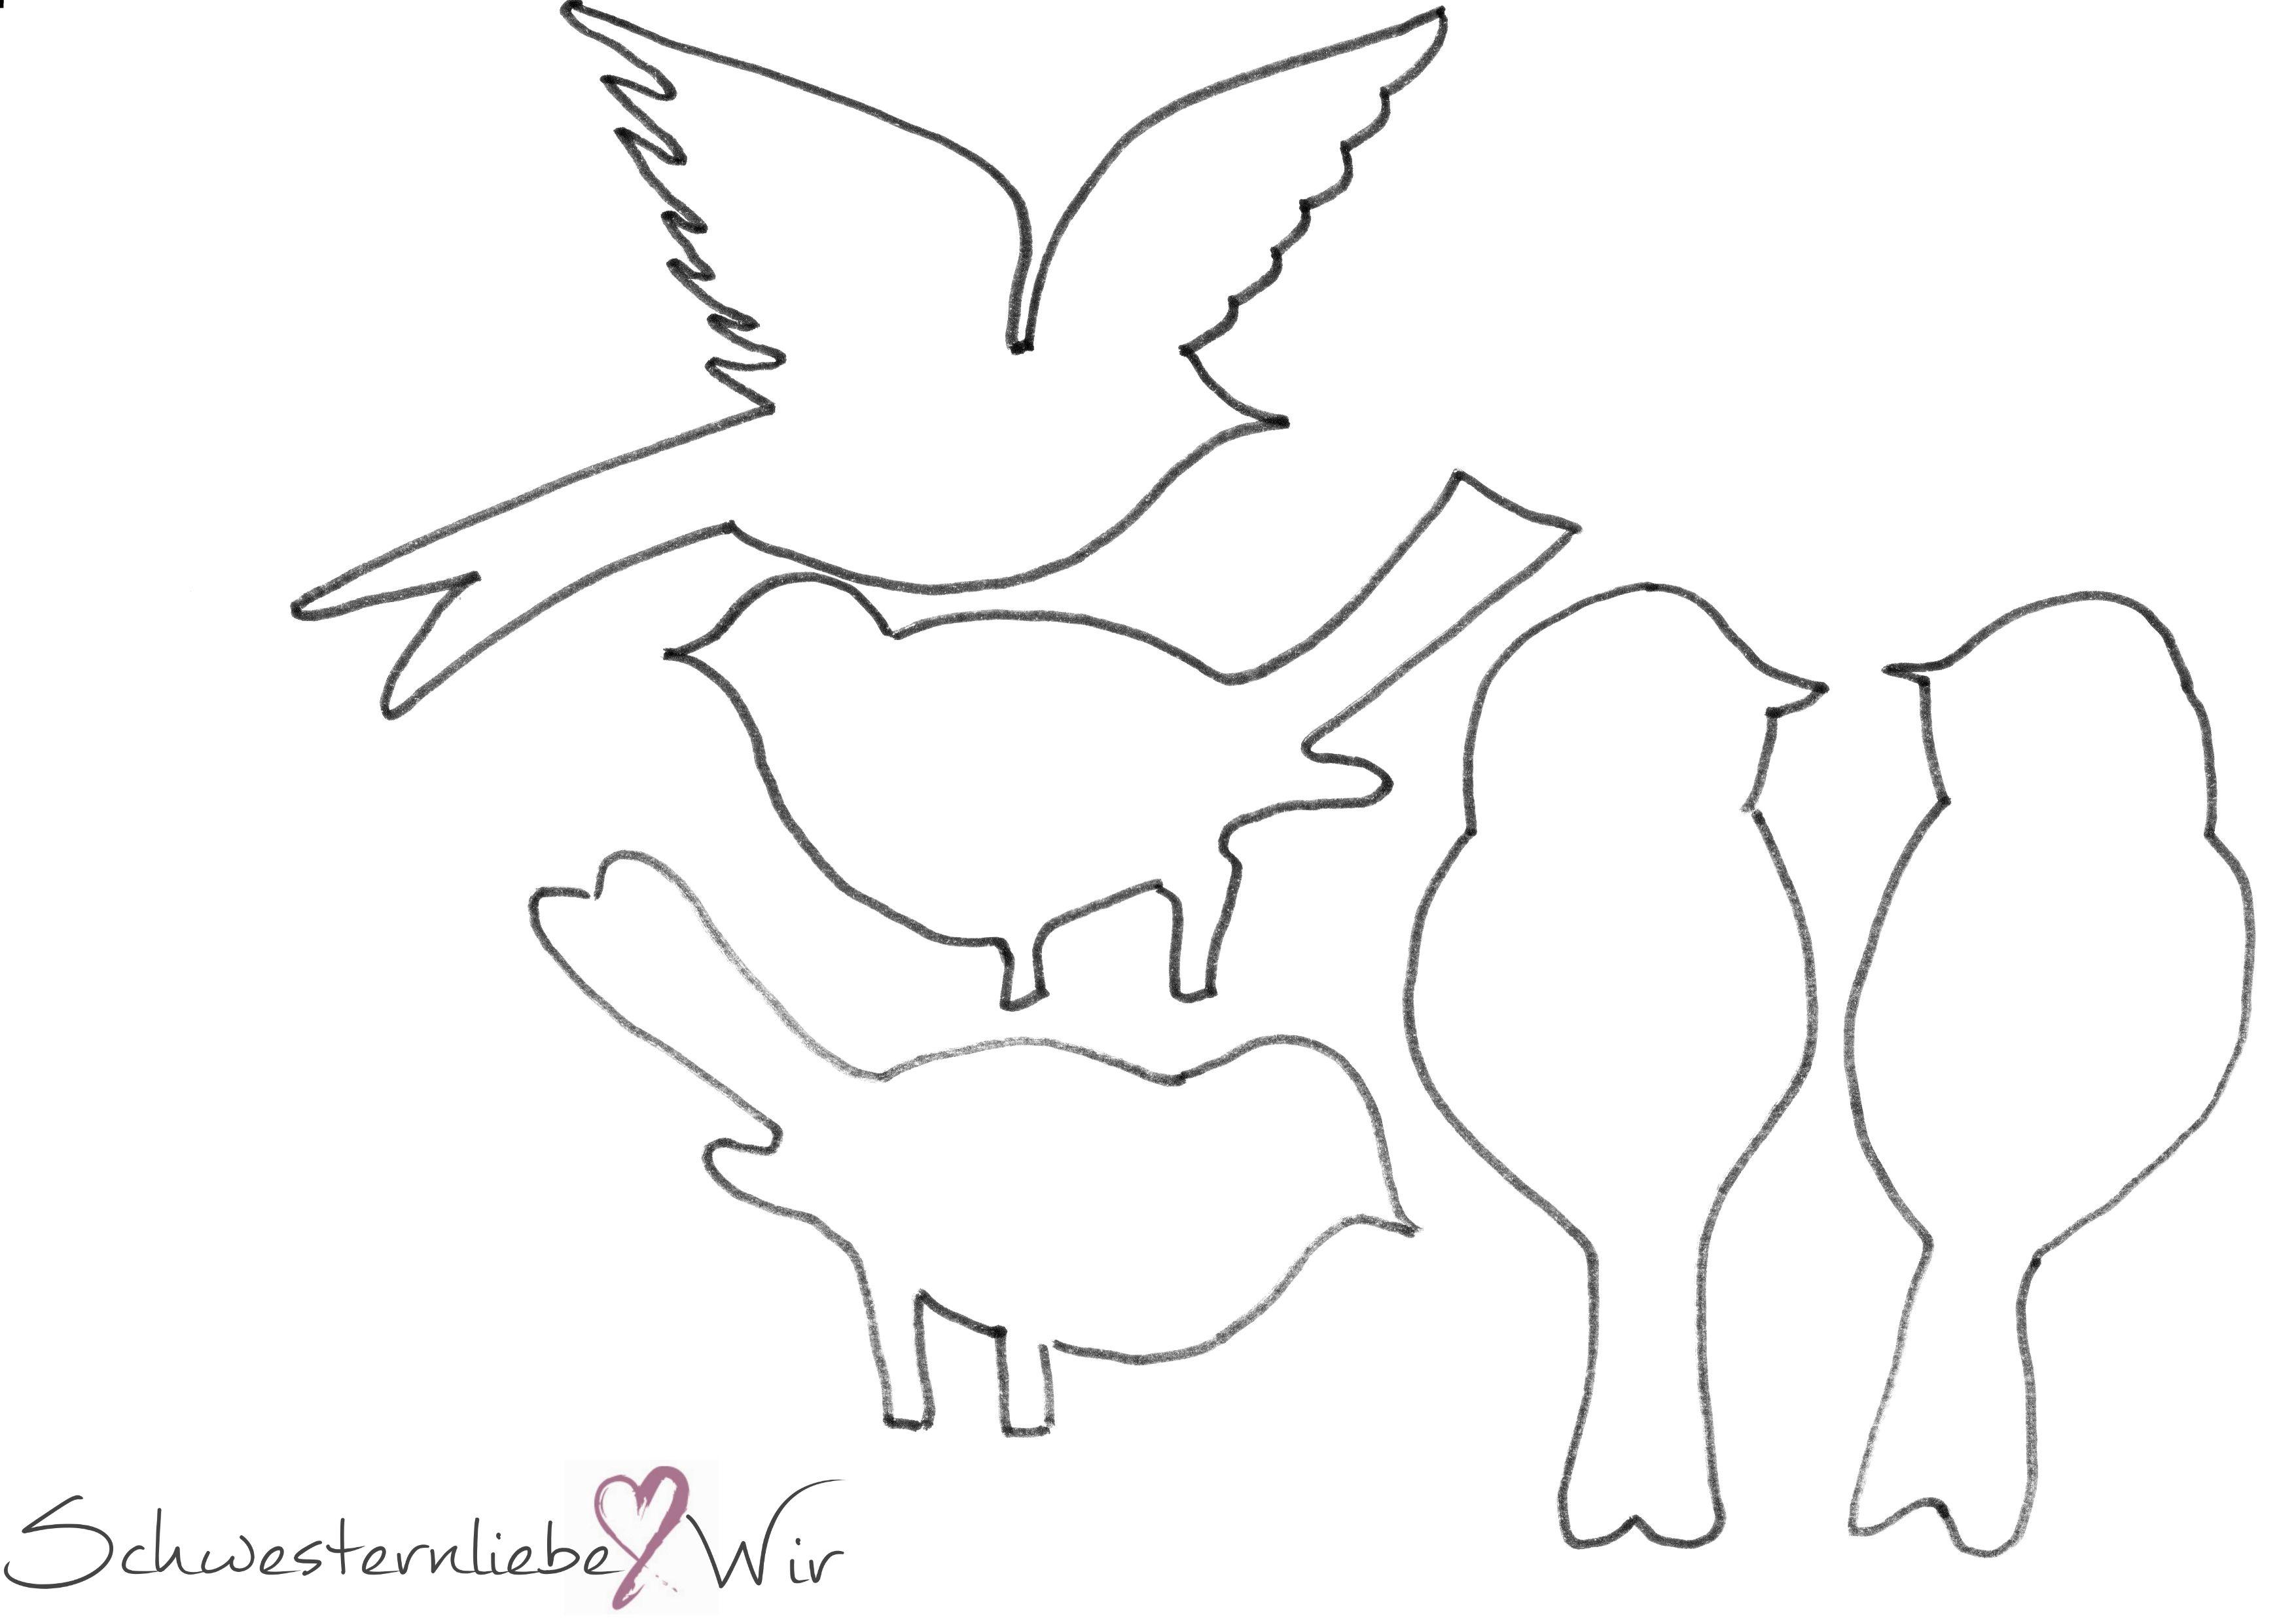 druckvorlagevögeldrucken 3508×2480 pixel  basteln